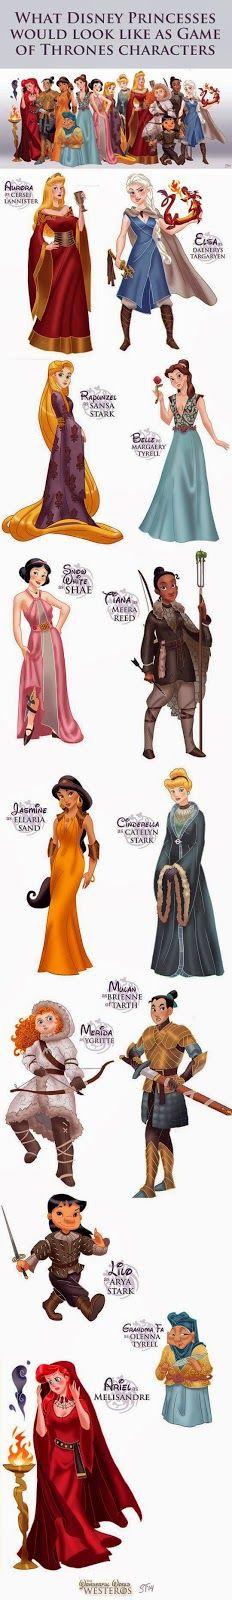 El Descanso del Escriba: Princesas Disney como personajes de Juegos de Tron...